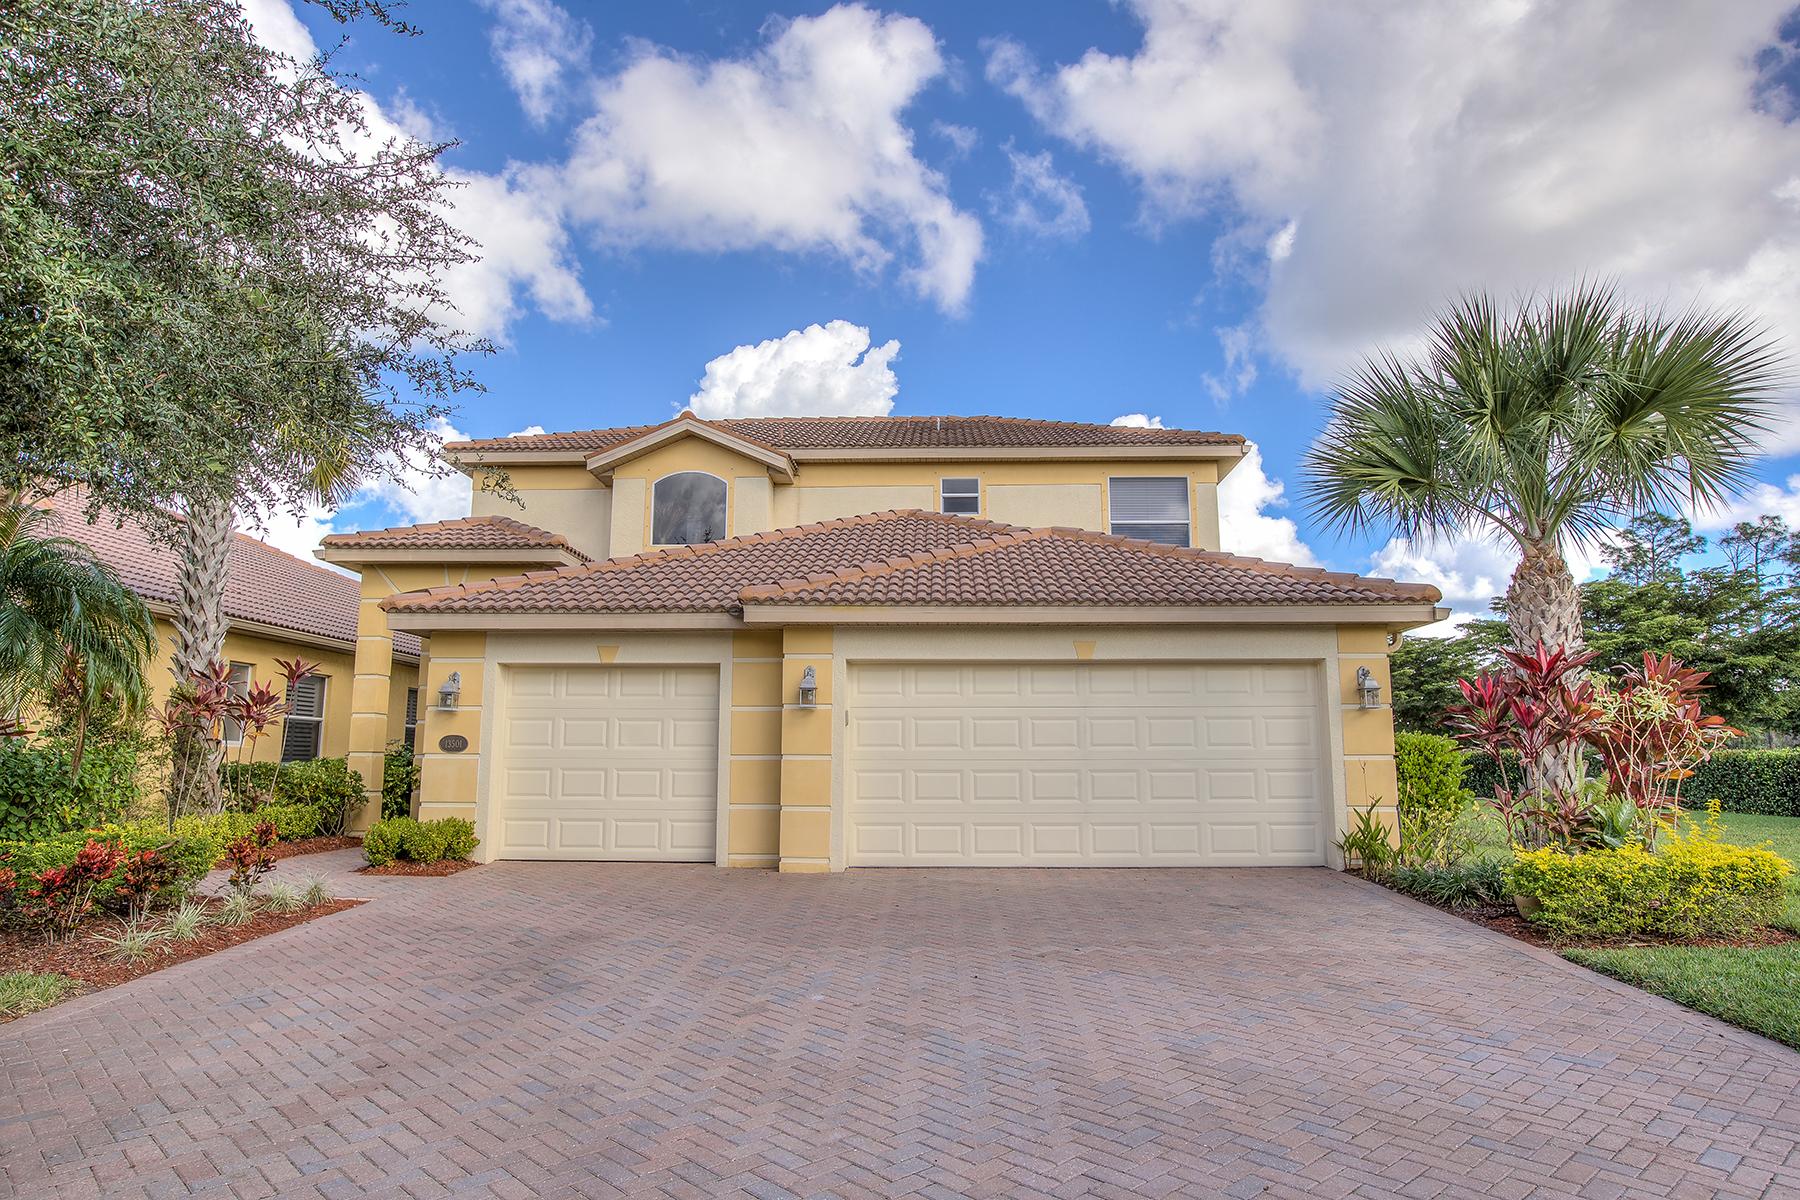 独户住宅 为 销售 在 BELLA TERRA 13501 Troia Dr 埃斯特罗, 佛罗里达州, 33928 美国